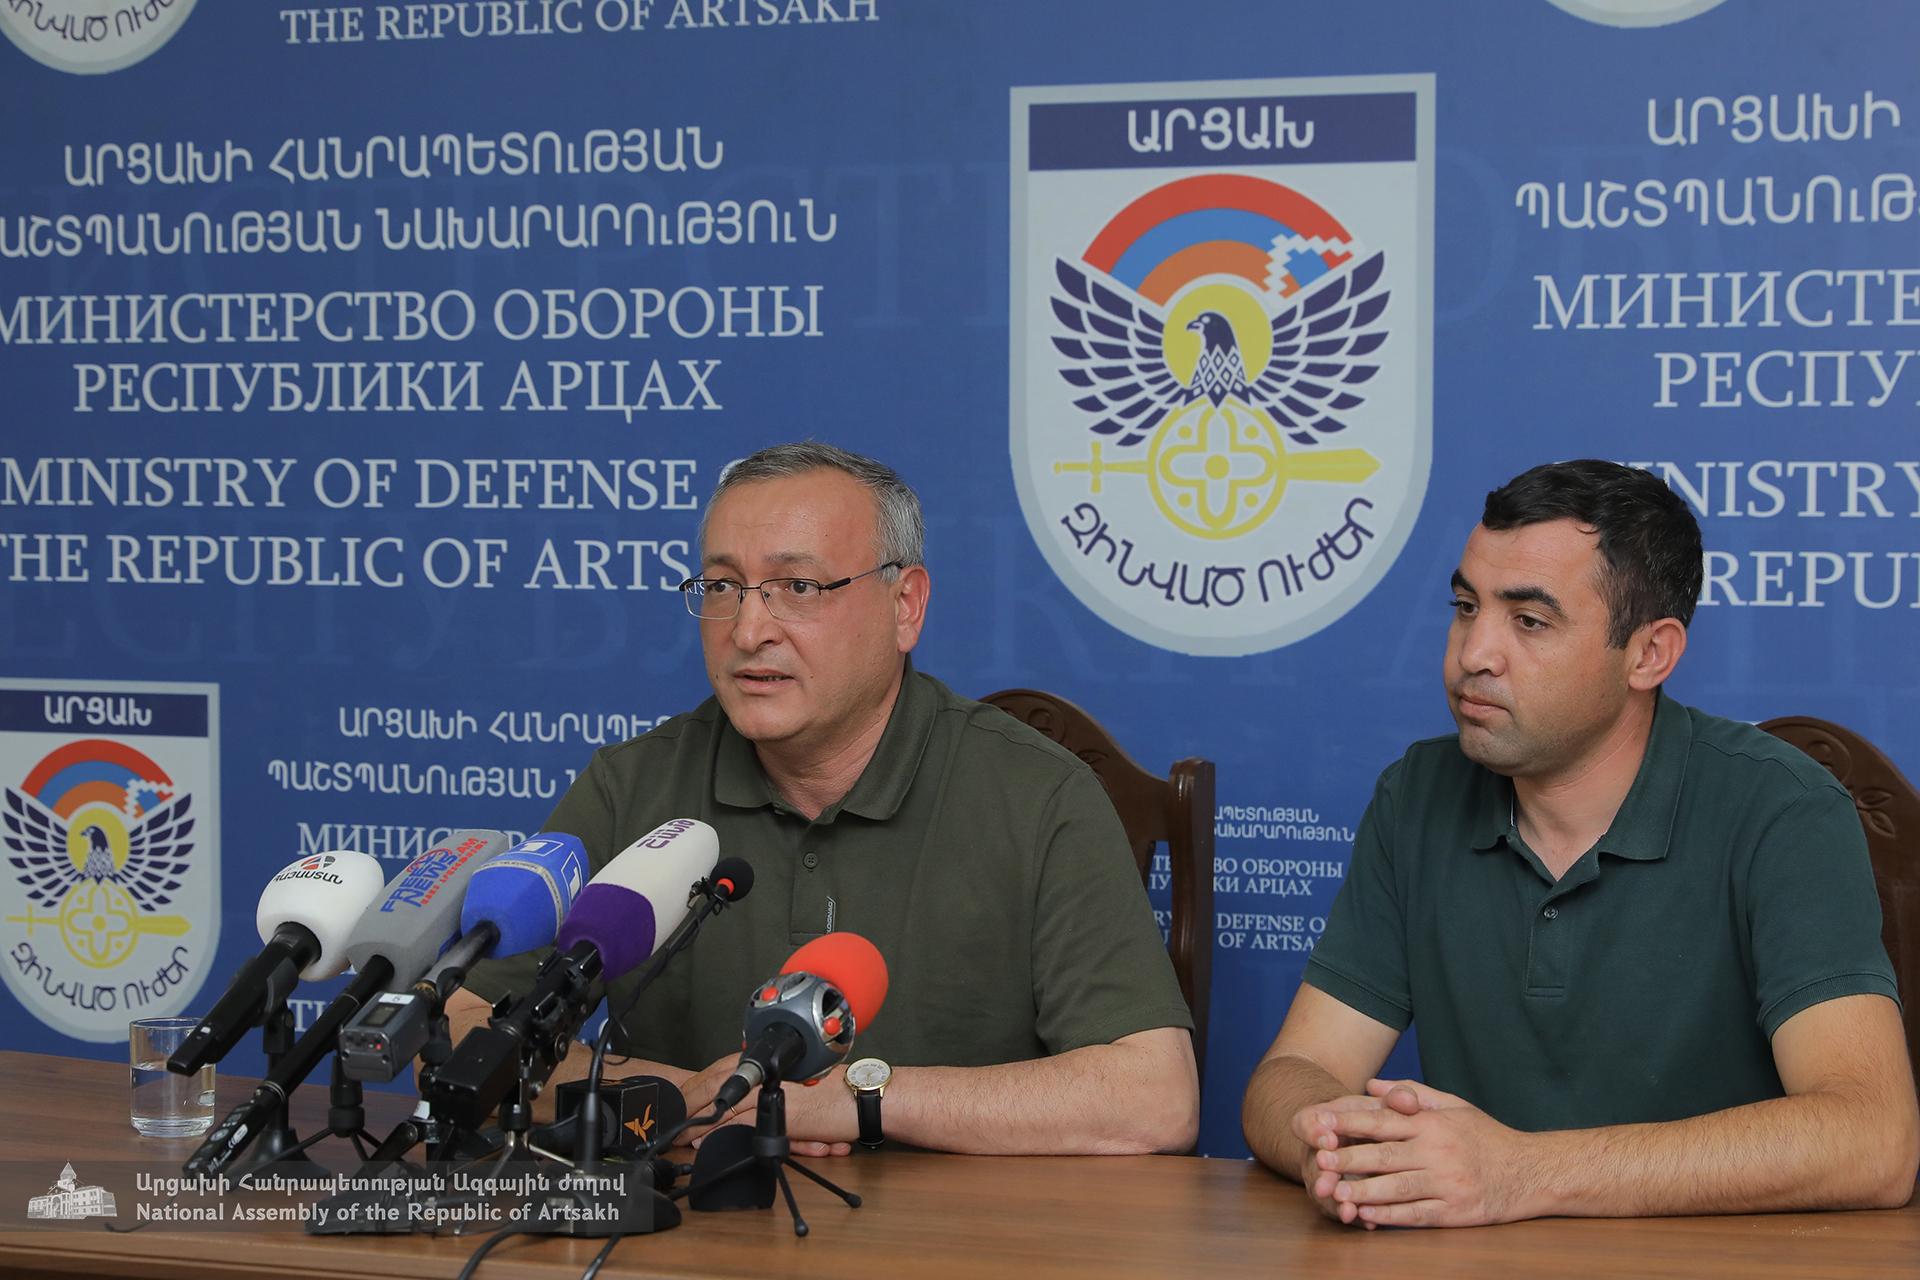 Photo of Պատերազմը երկարելու դեպքում ՀՀ ԱԺ-ում քննարկման կդրվի Արցախի ճանաչման հարցը. Արցախի ԱԺ նախագահ